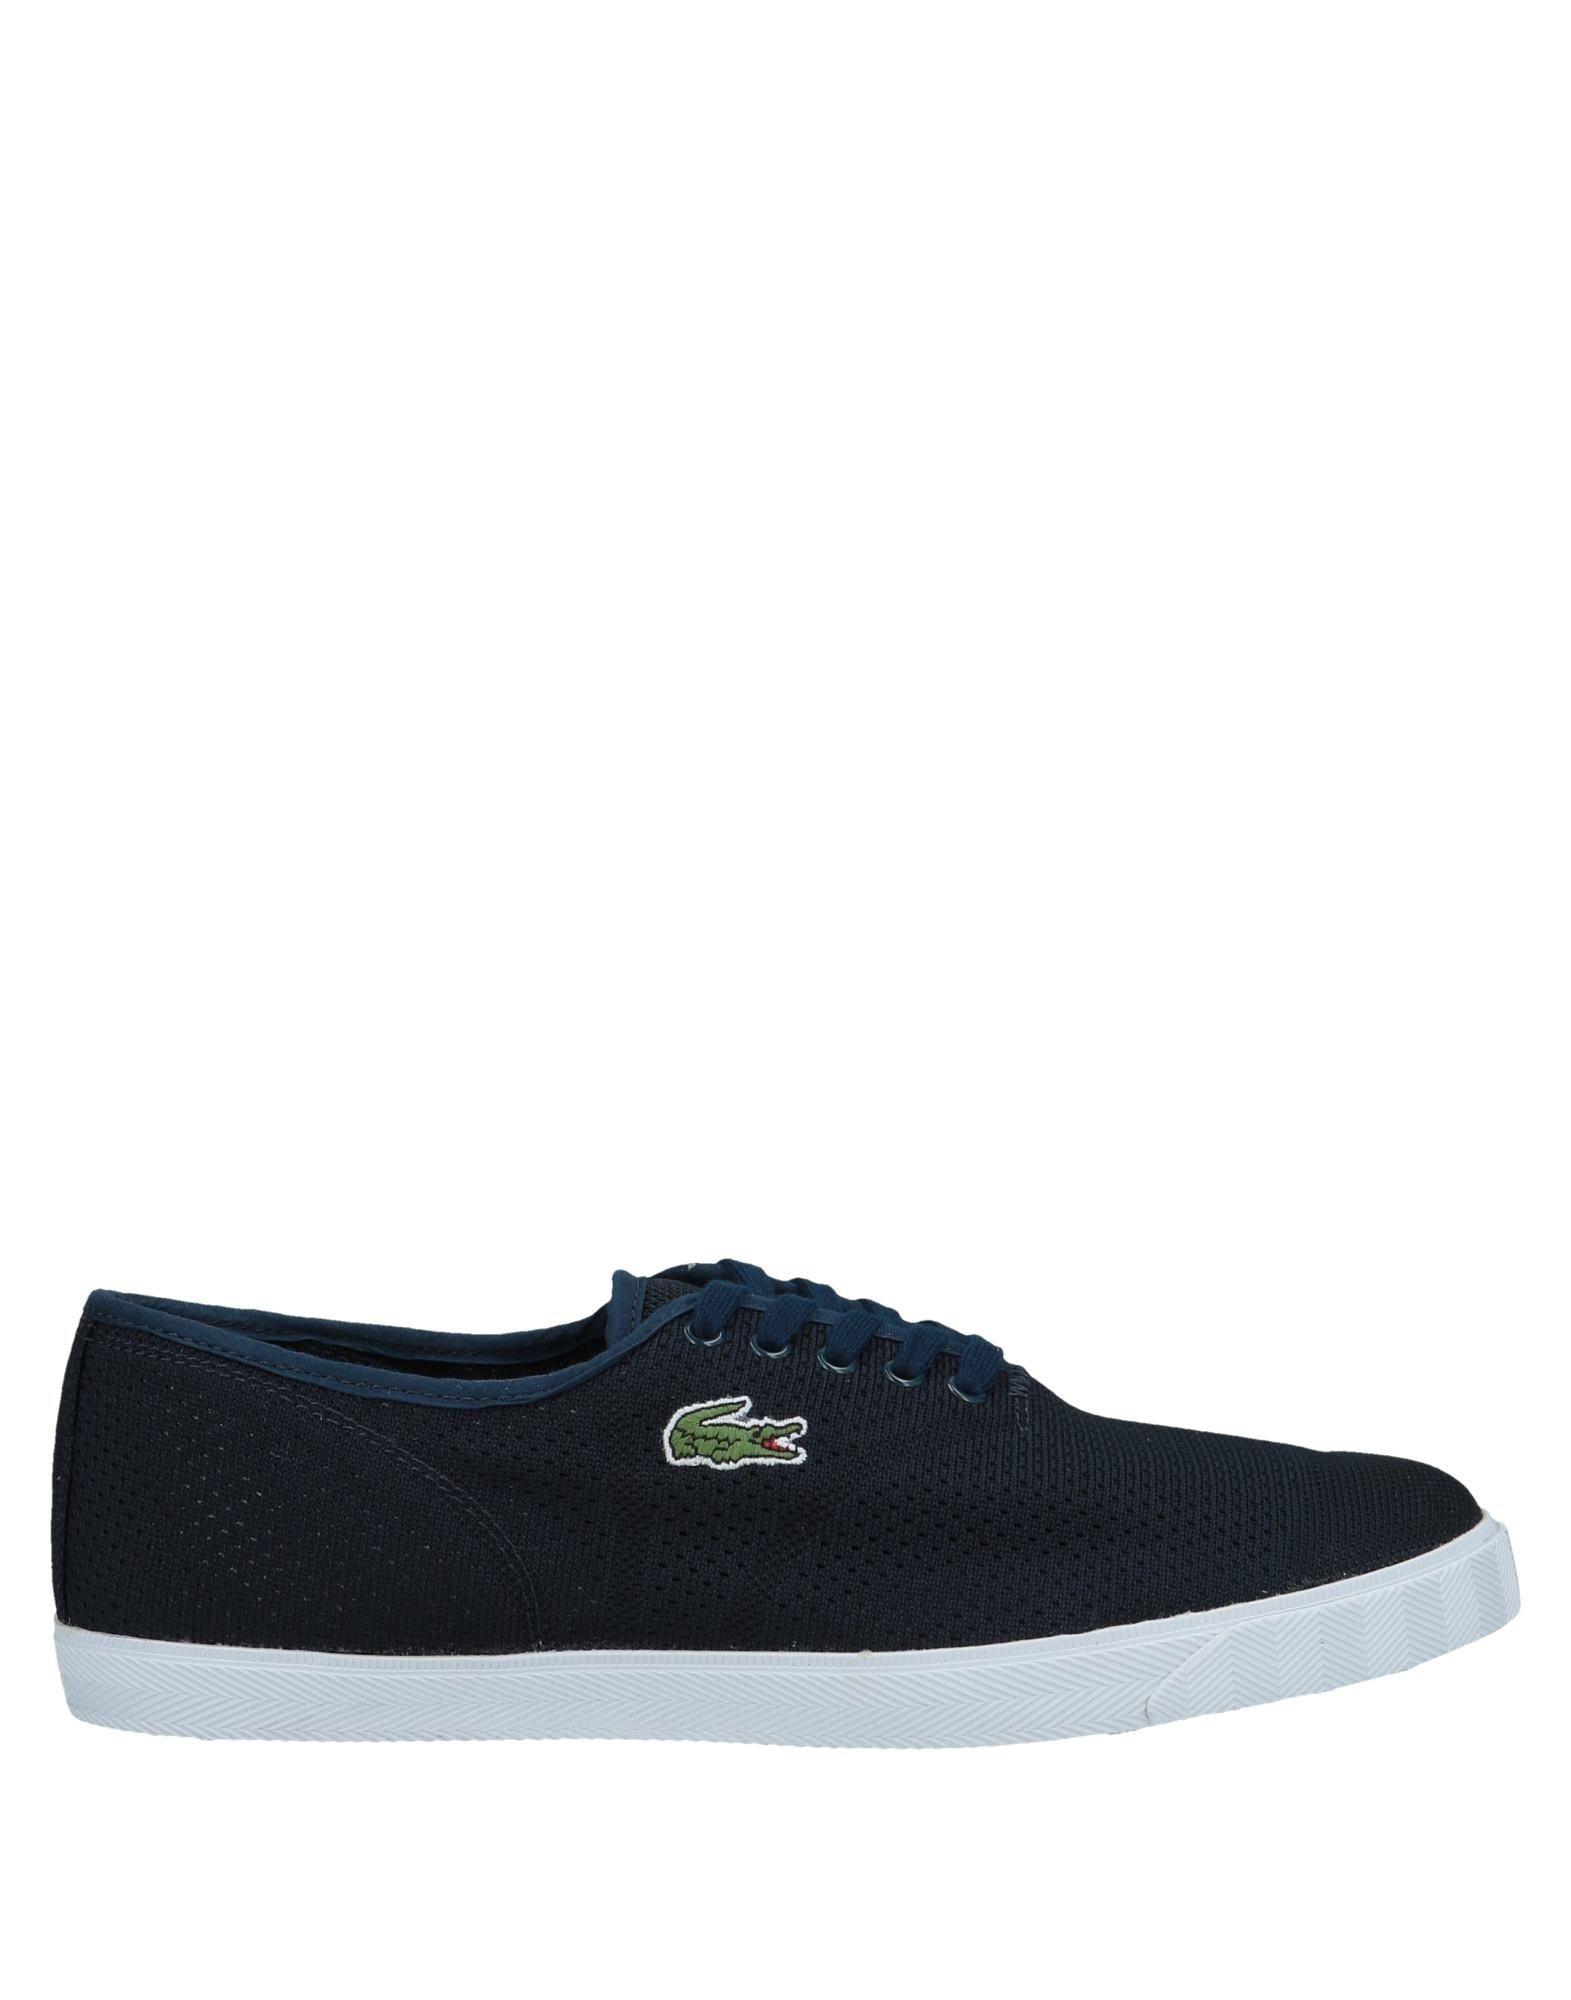 Rabatt echte Schuhe Lacoste Sport Sneakers Herren  11546667FN